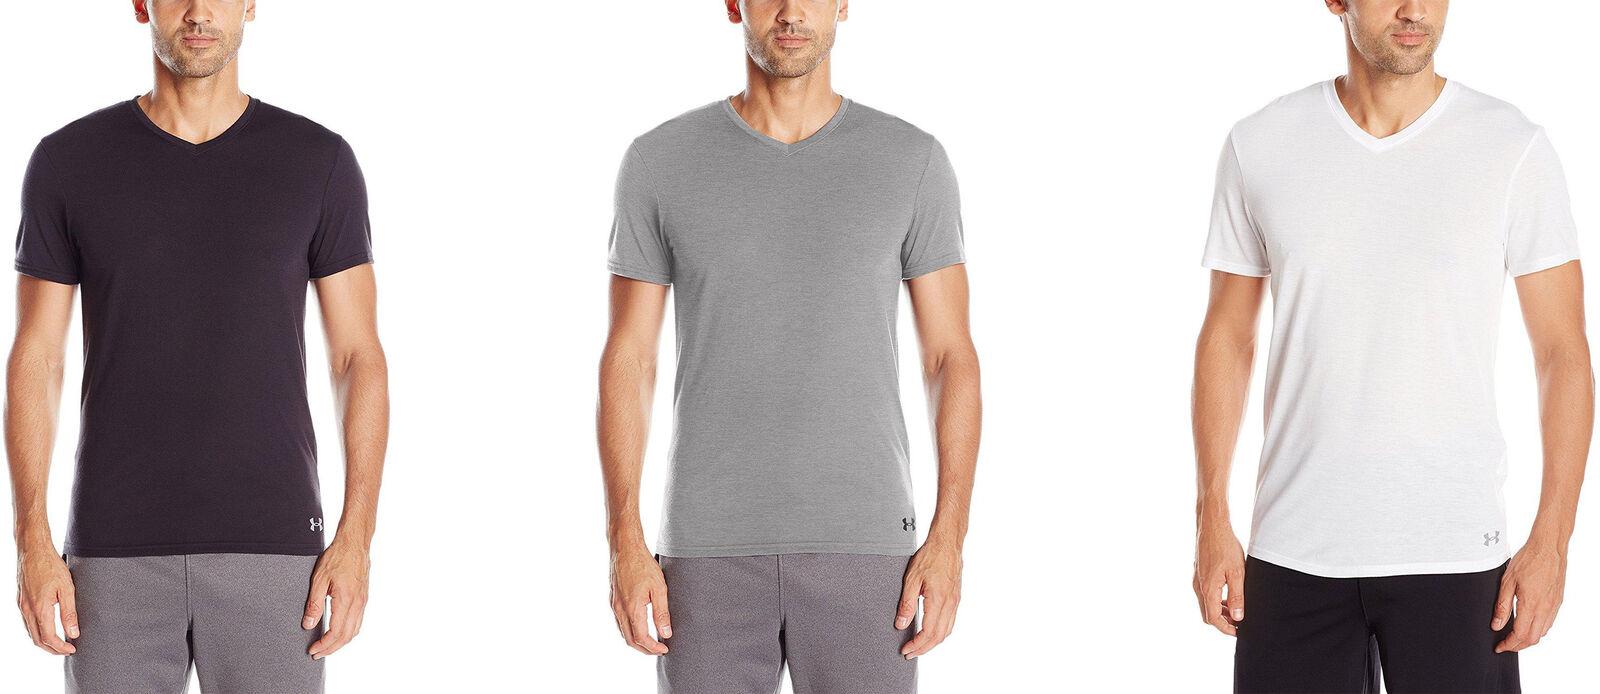 2d710271 Details about Under Armour Men's Core V-Neck Undershirt, 3 Colors